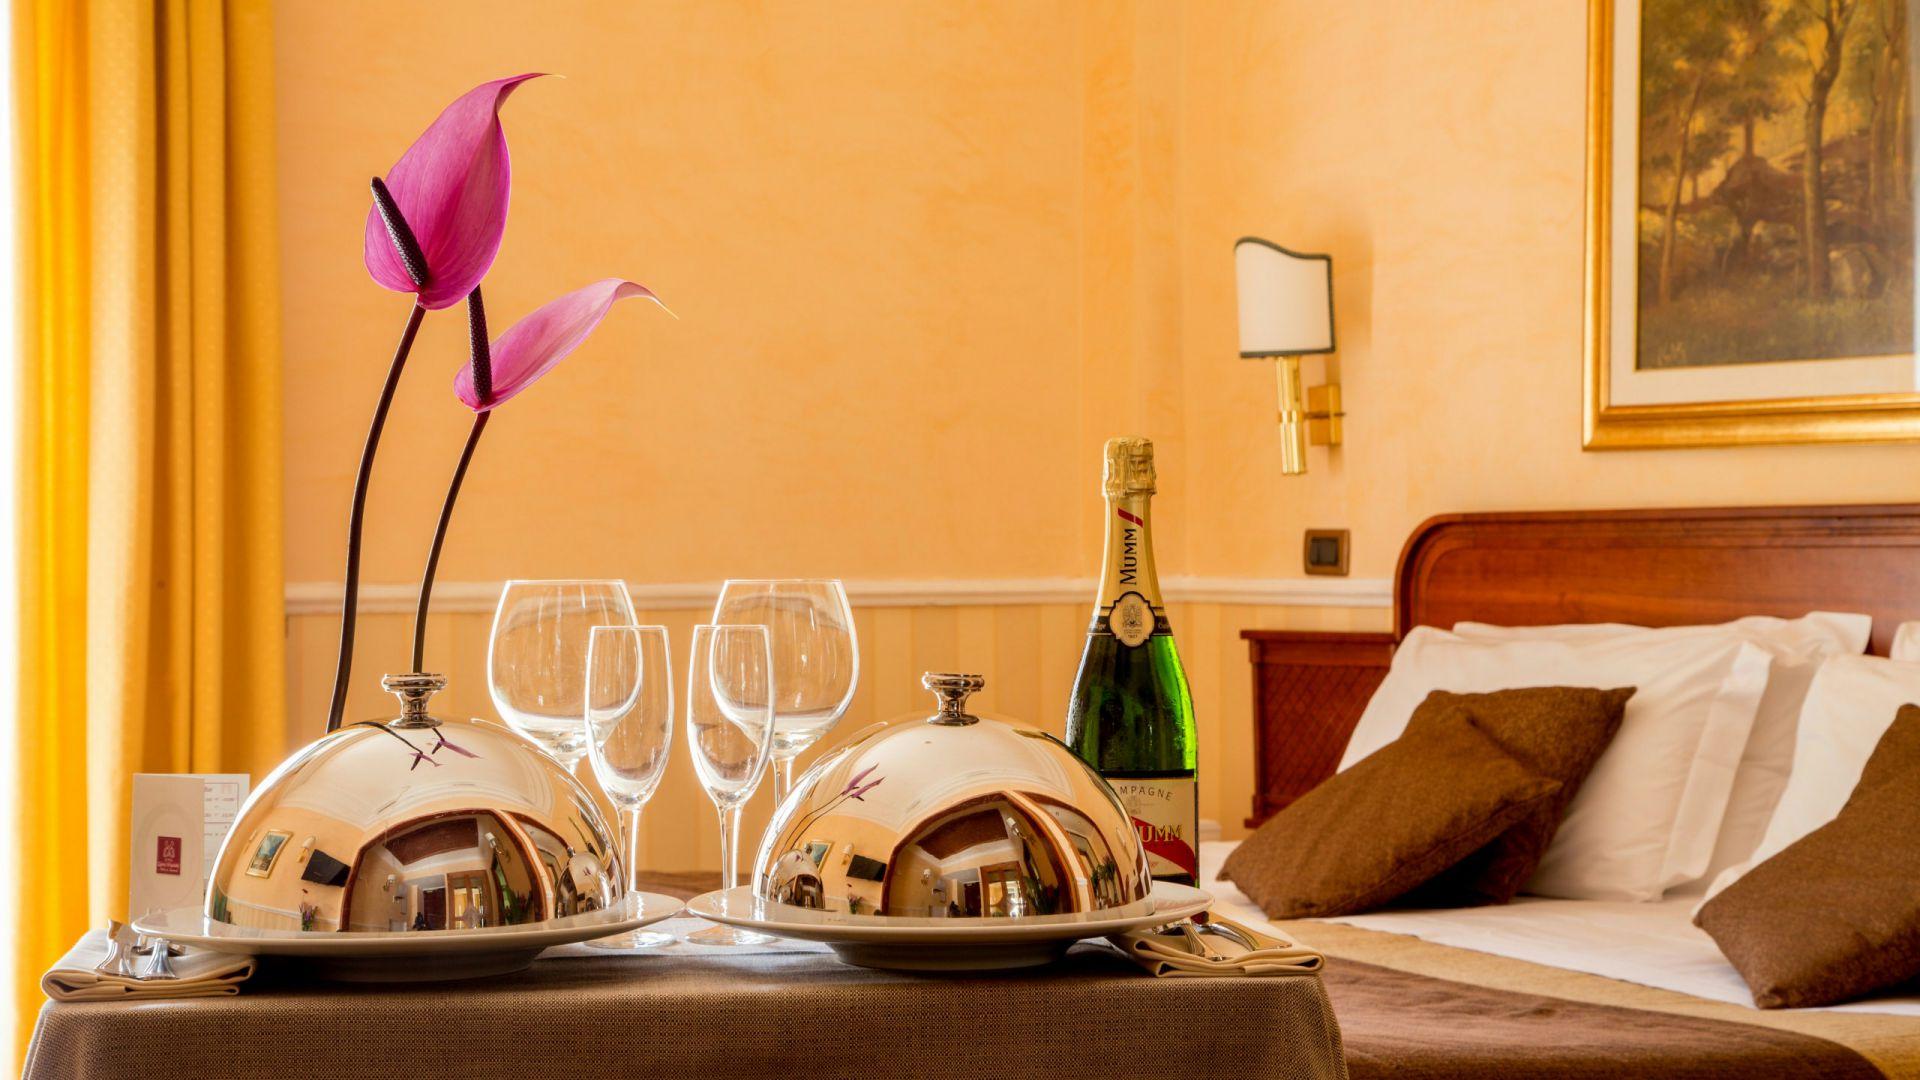 Foto-Hotel-Oxford-Roma-serviço-de-quartos-2